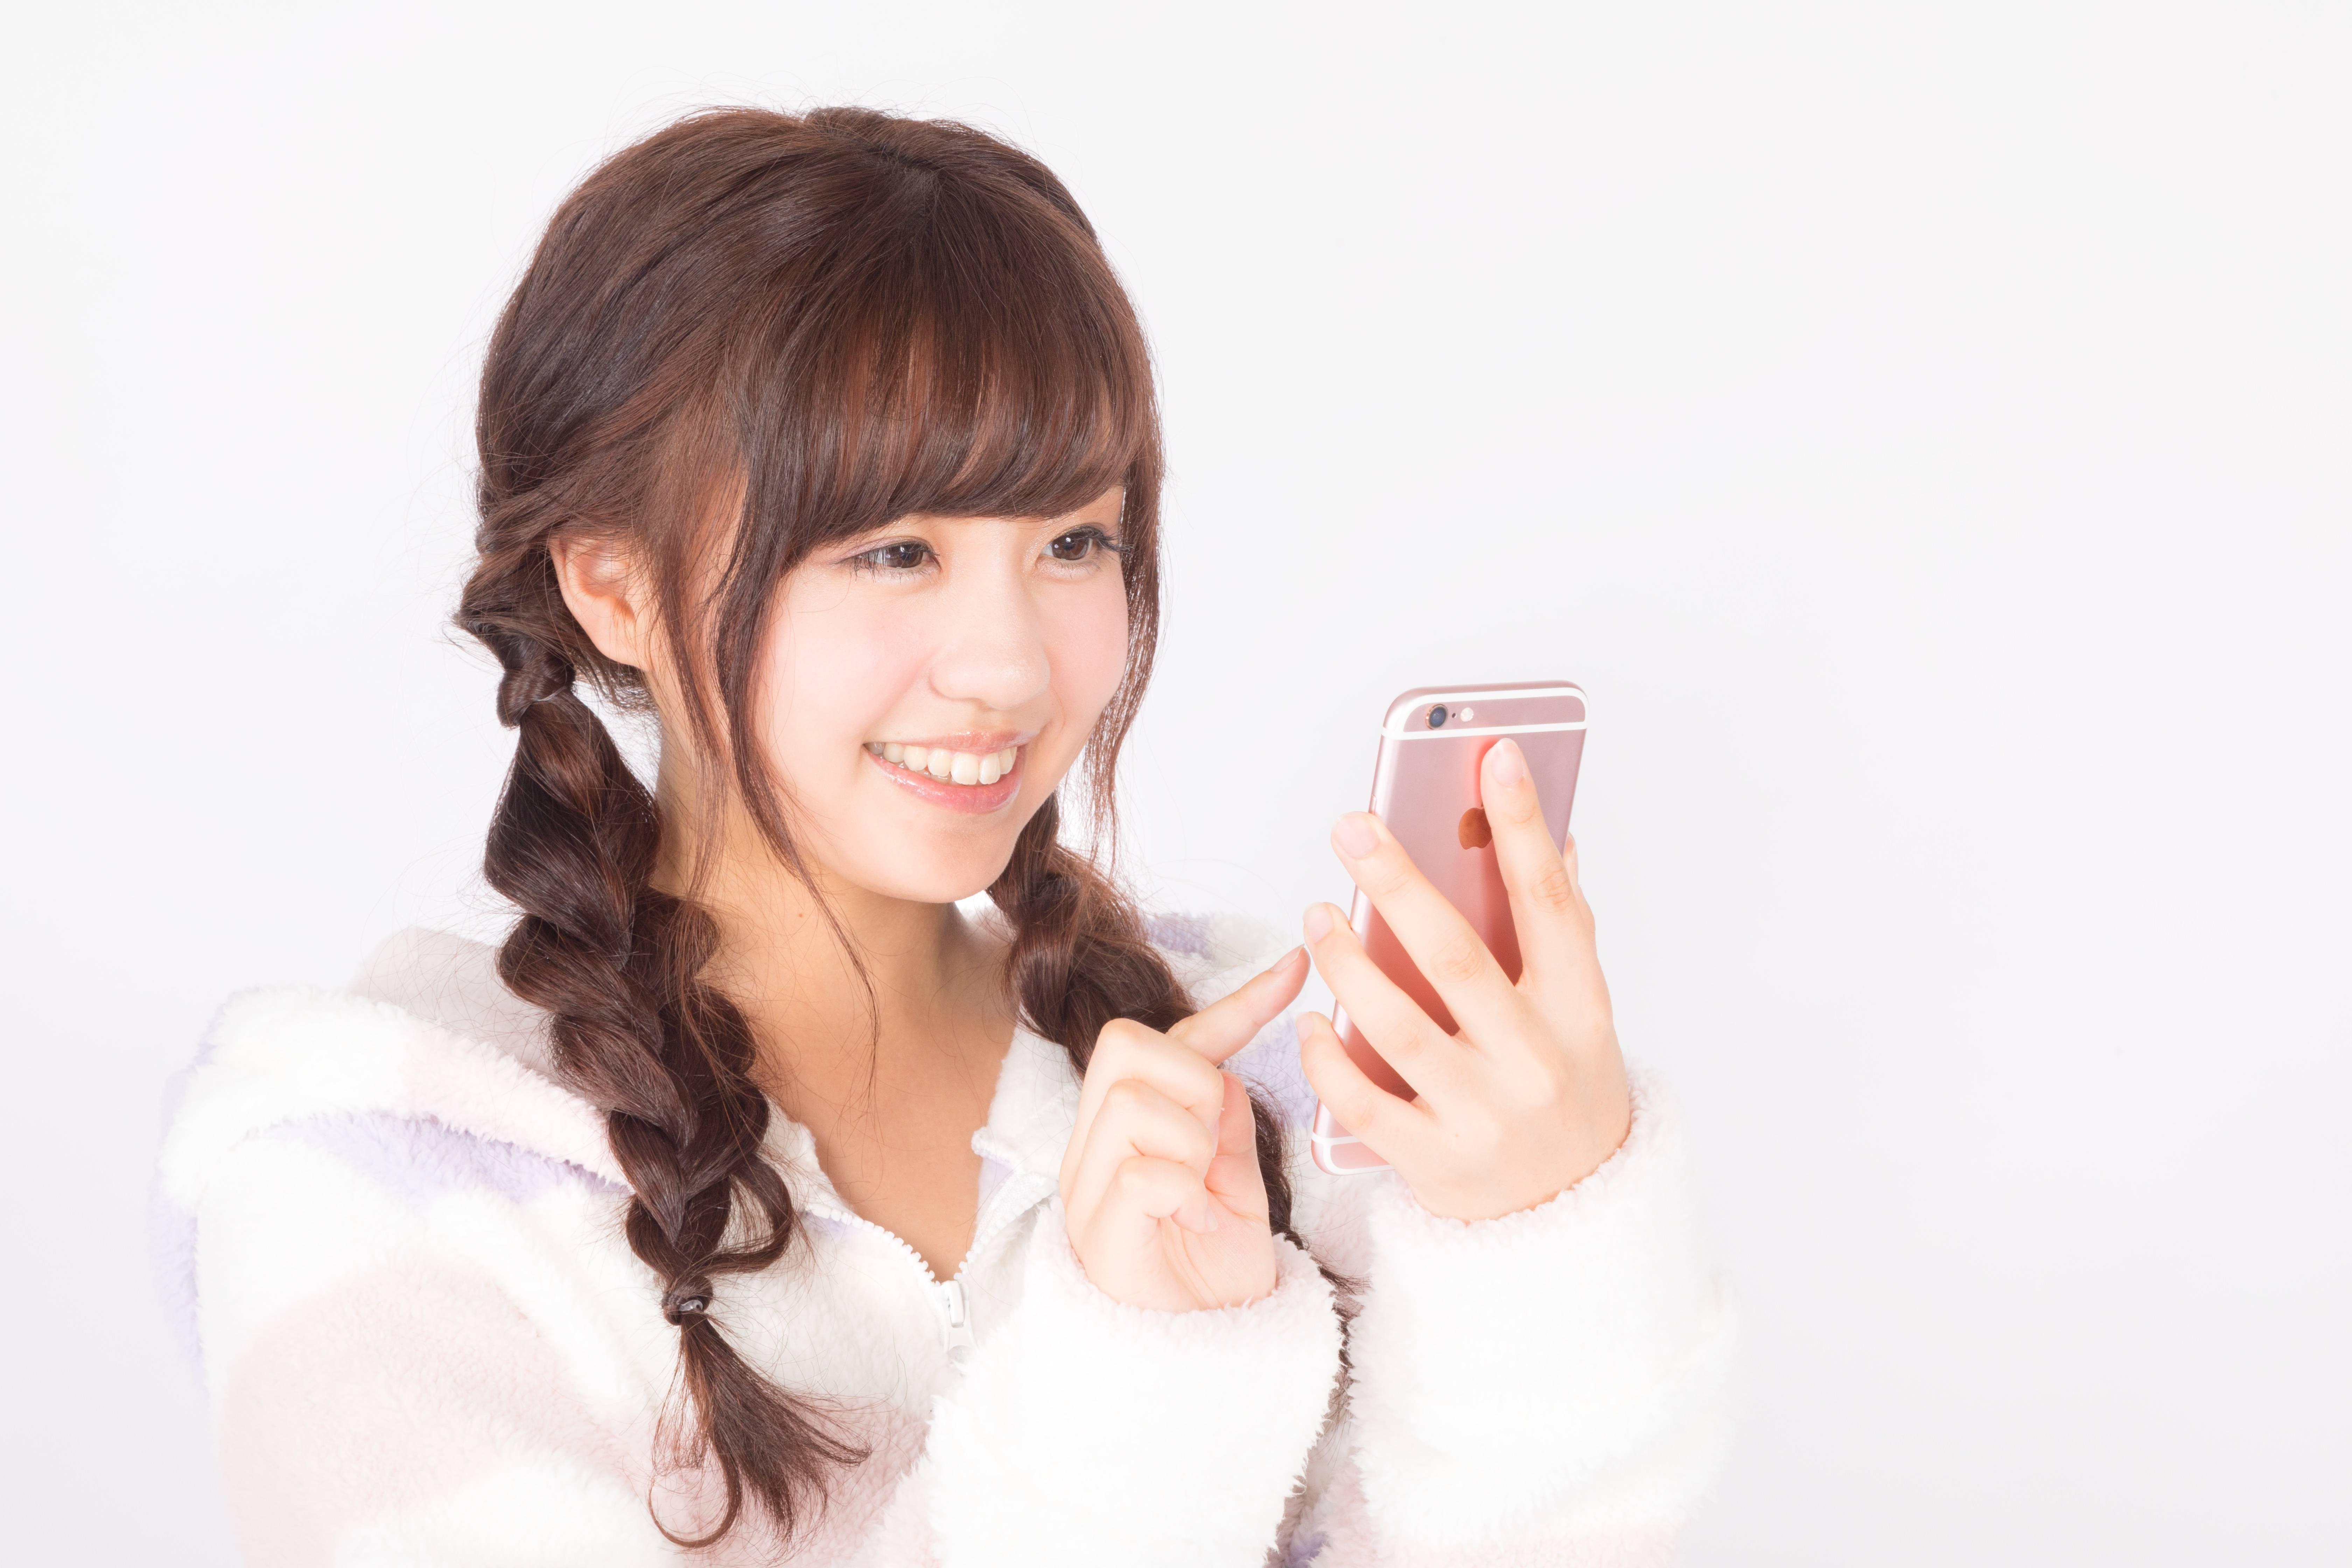 『ネット予約』二子玉川駅の歯医者さん!おすすめポイントを掲載【8院】